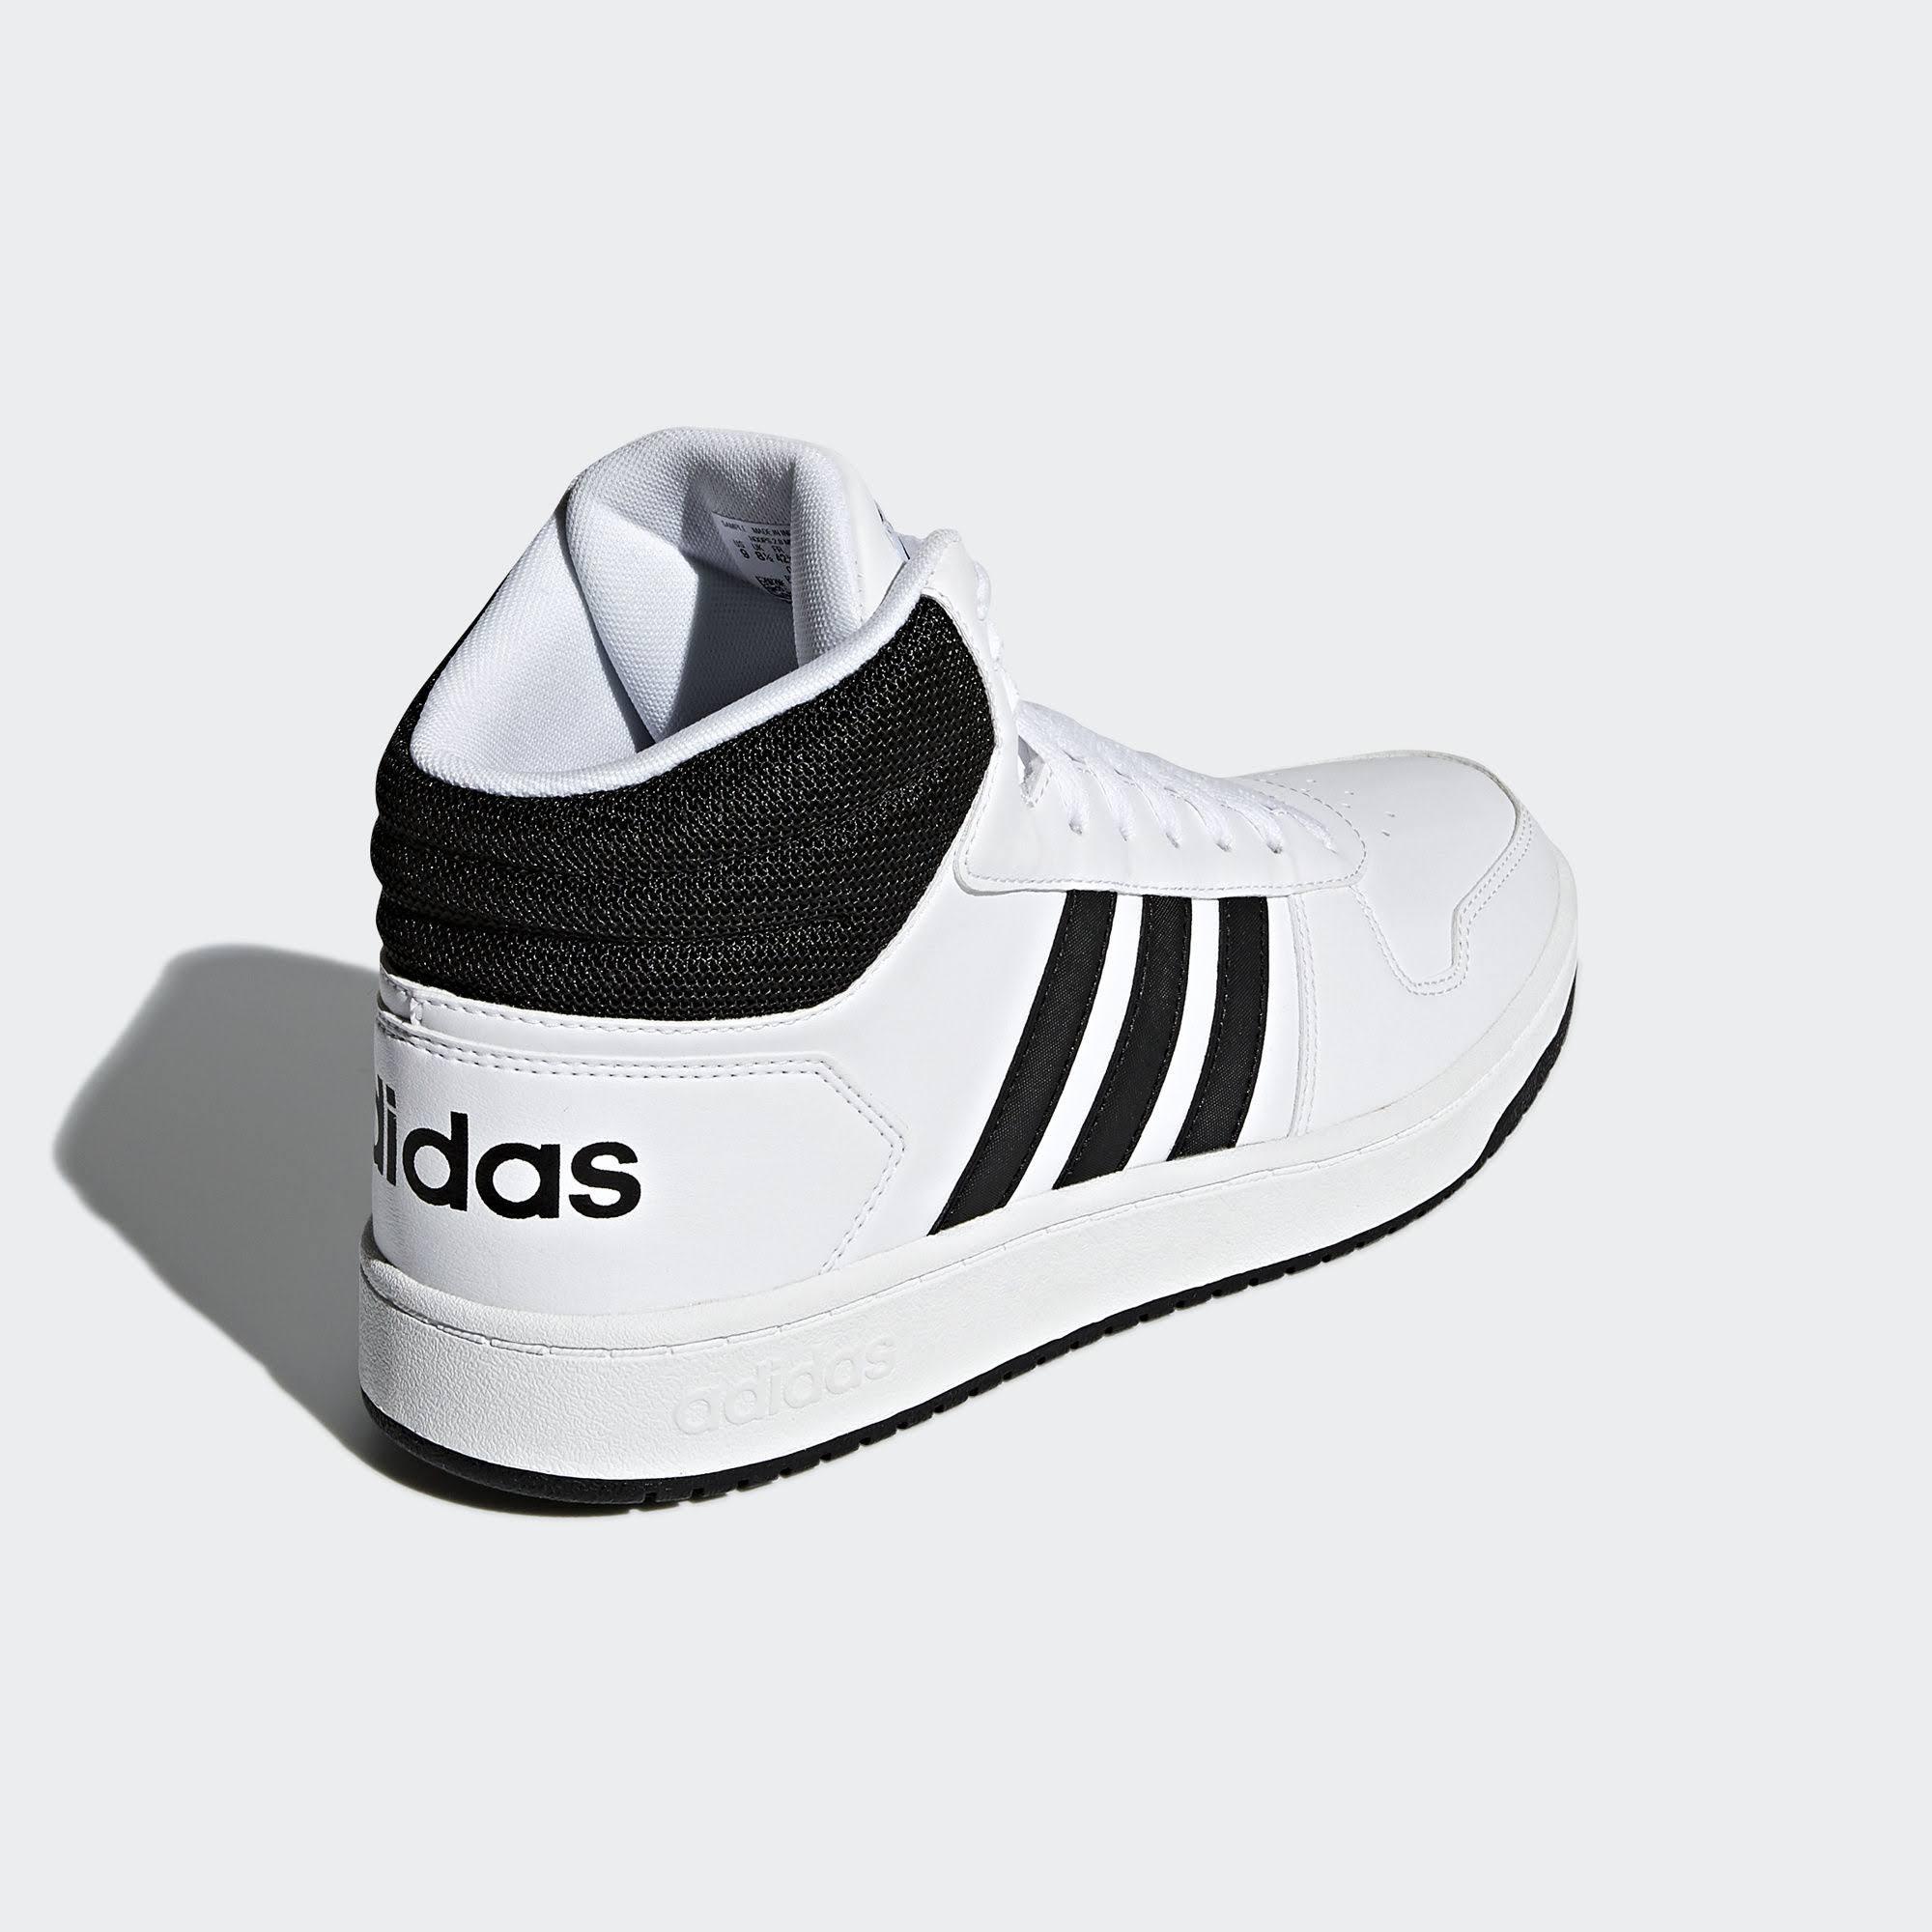 Mid 2 Adidas Schuhe 0 Schwarz 5 White 9 Cloud Hoops Weiß Herren qaccTZ1g